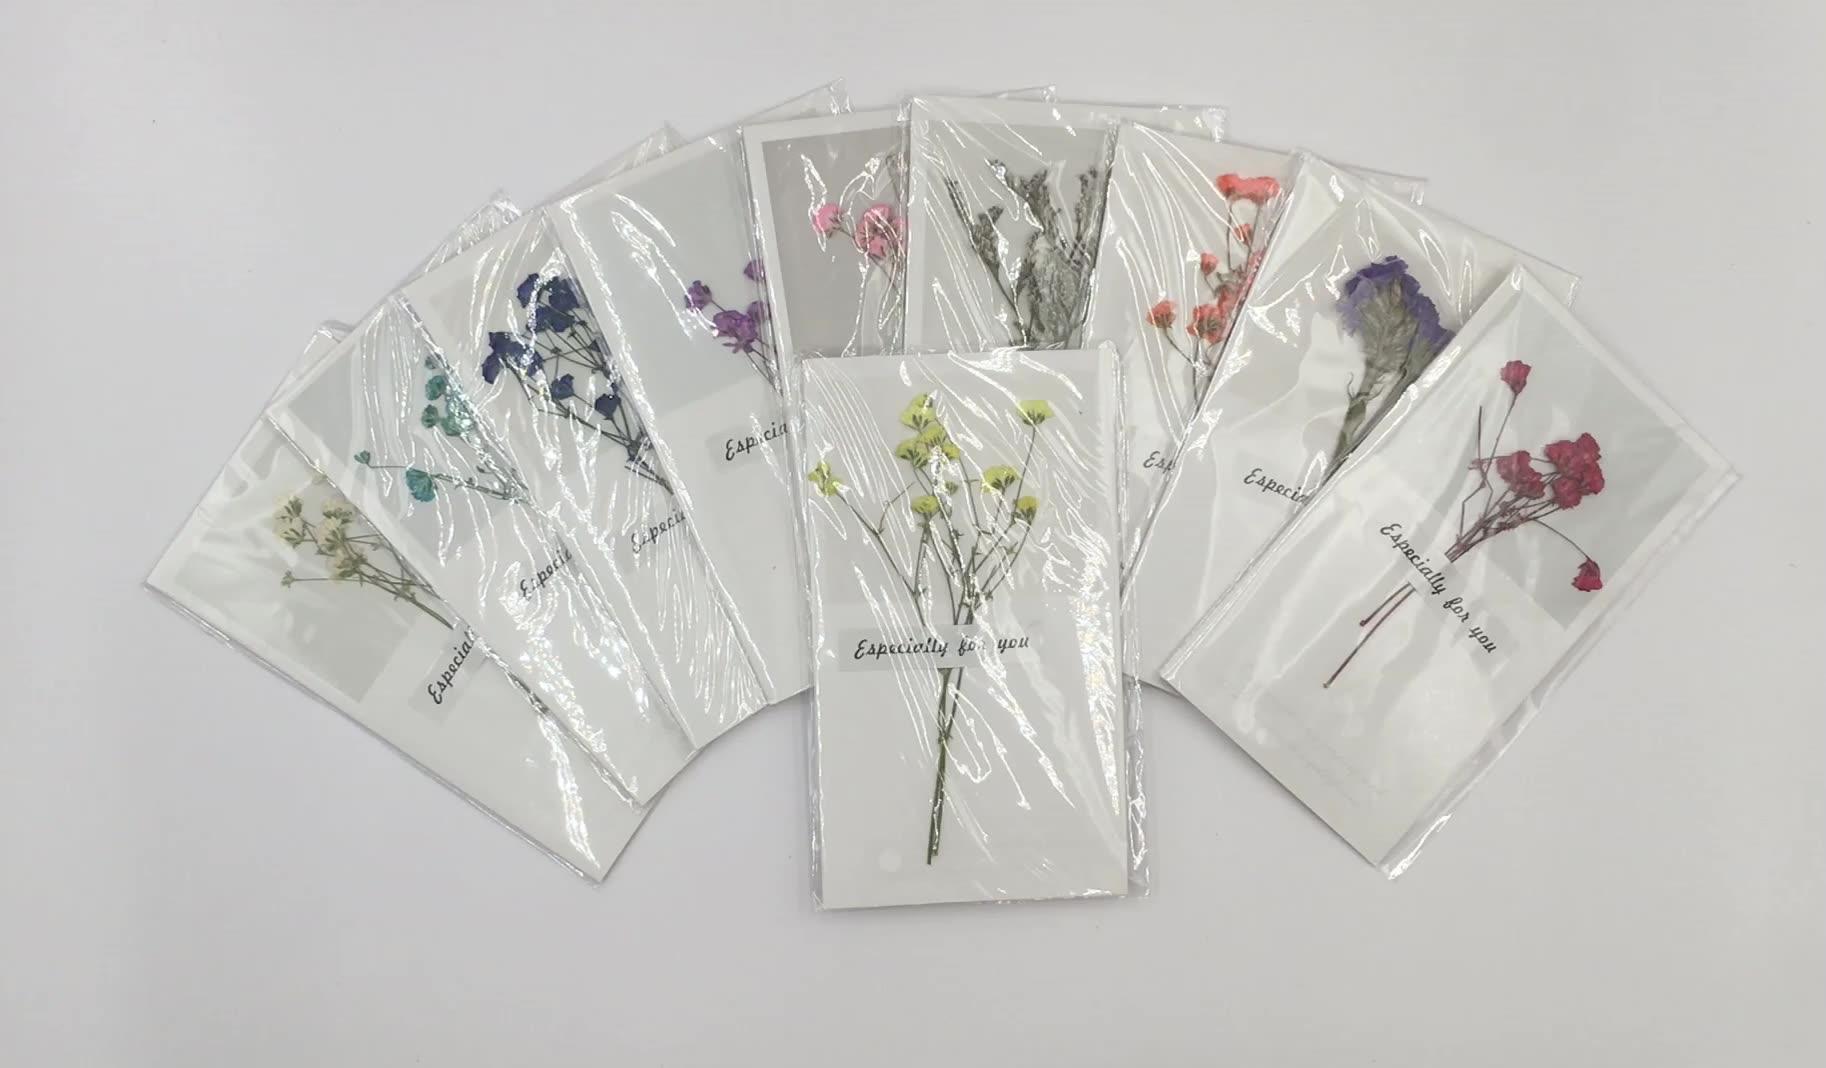 10Pcs Gypsophila Hoa Khô Viết Tay Phước Lành Thiệp Chúc Mừng Quà Tặng Sinh Nhật Thẻ Thẻ Lời Mời Đám Cưới Sử Dụng Lễ Kỷ Niệm Bên